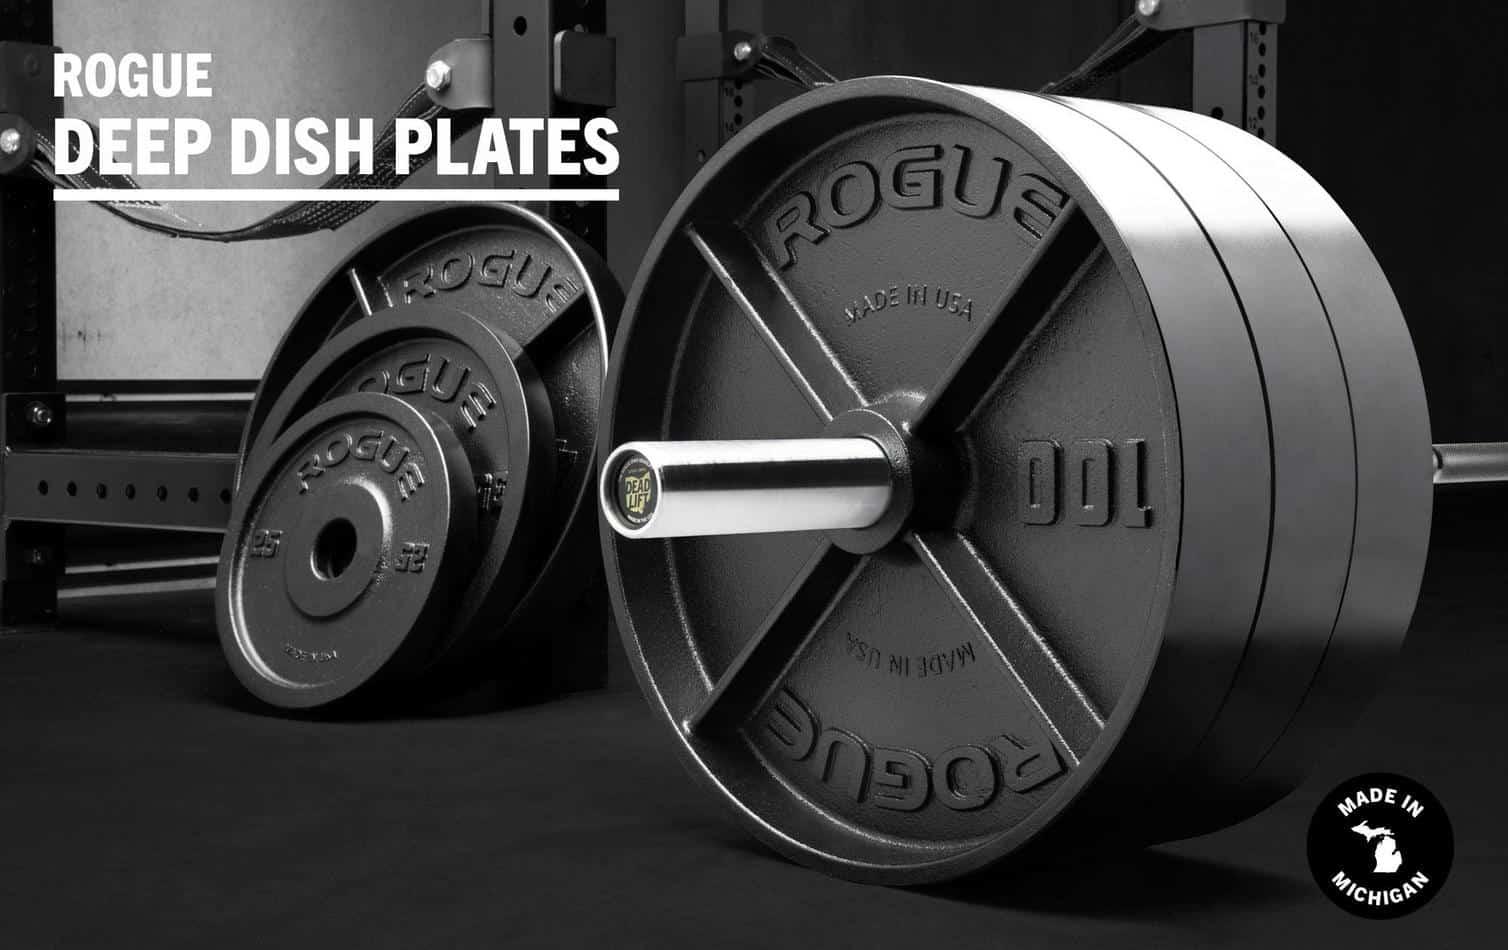 rogue deep dish plates